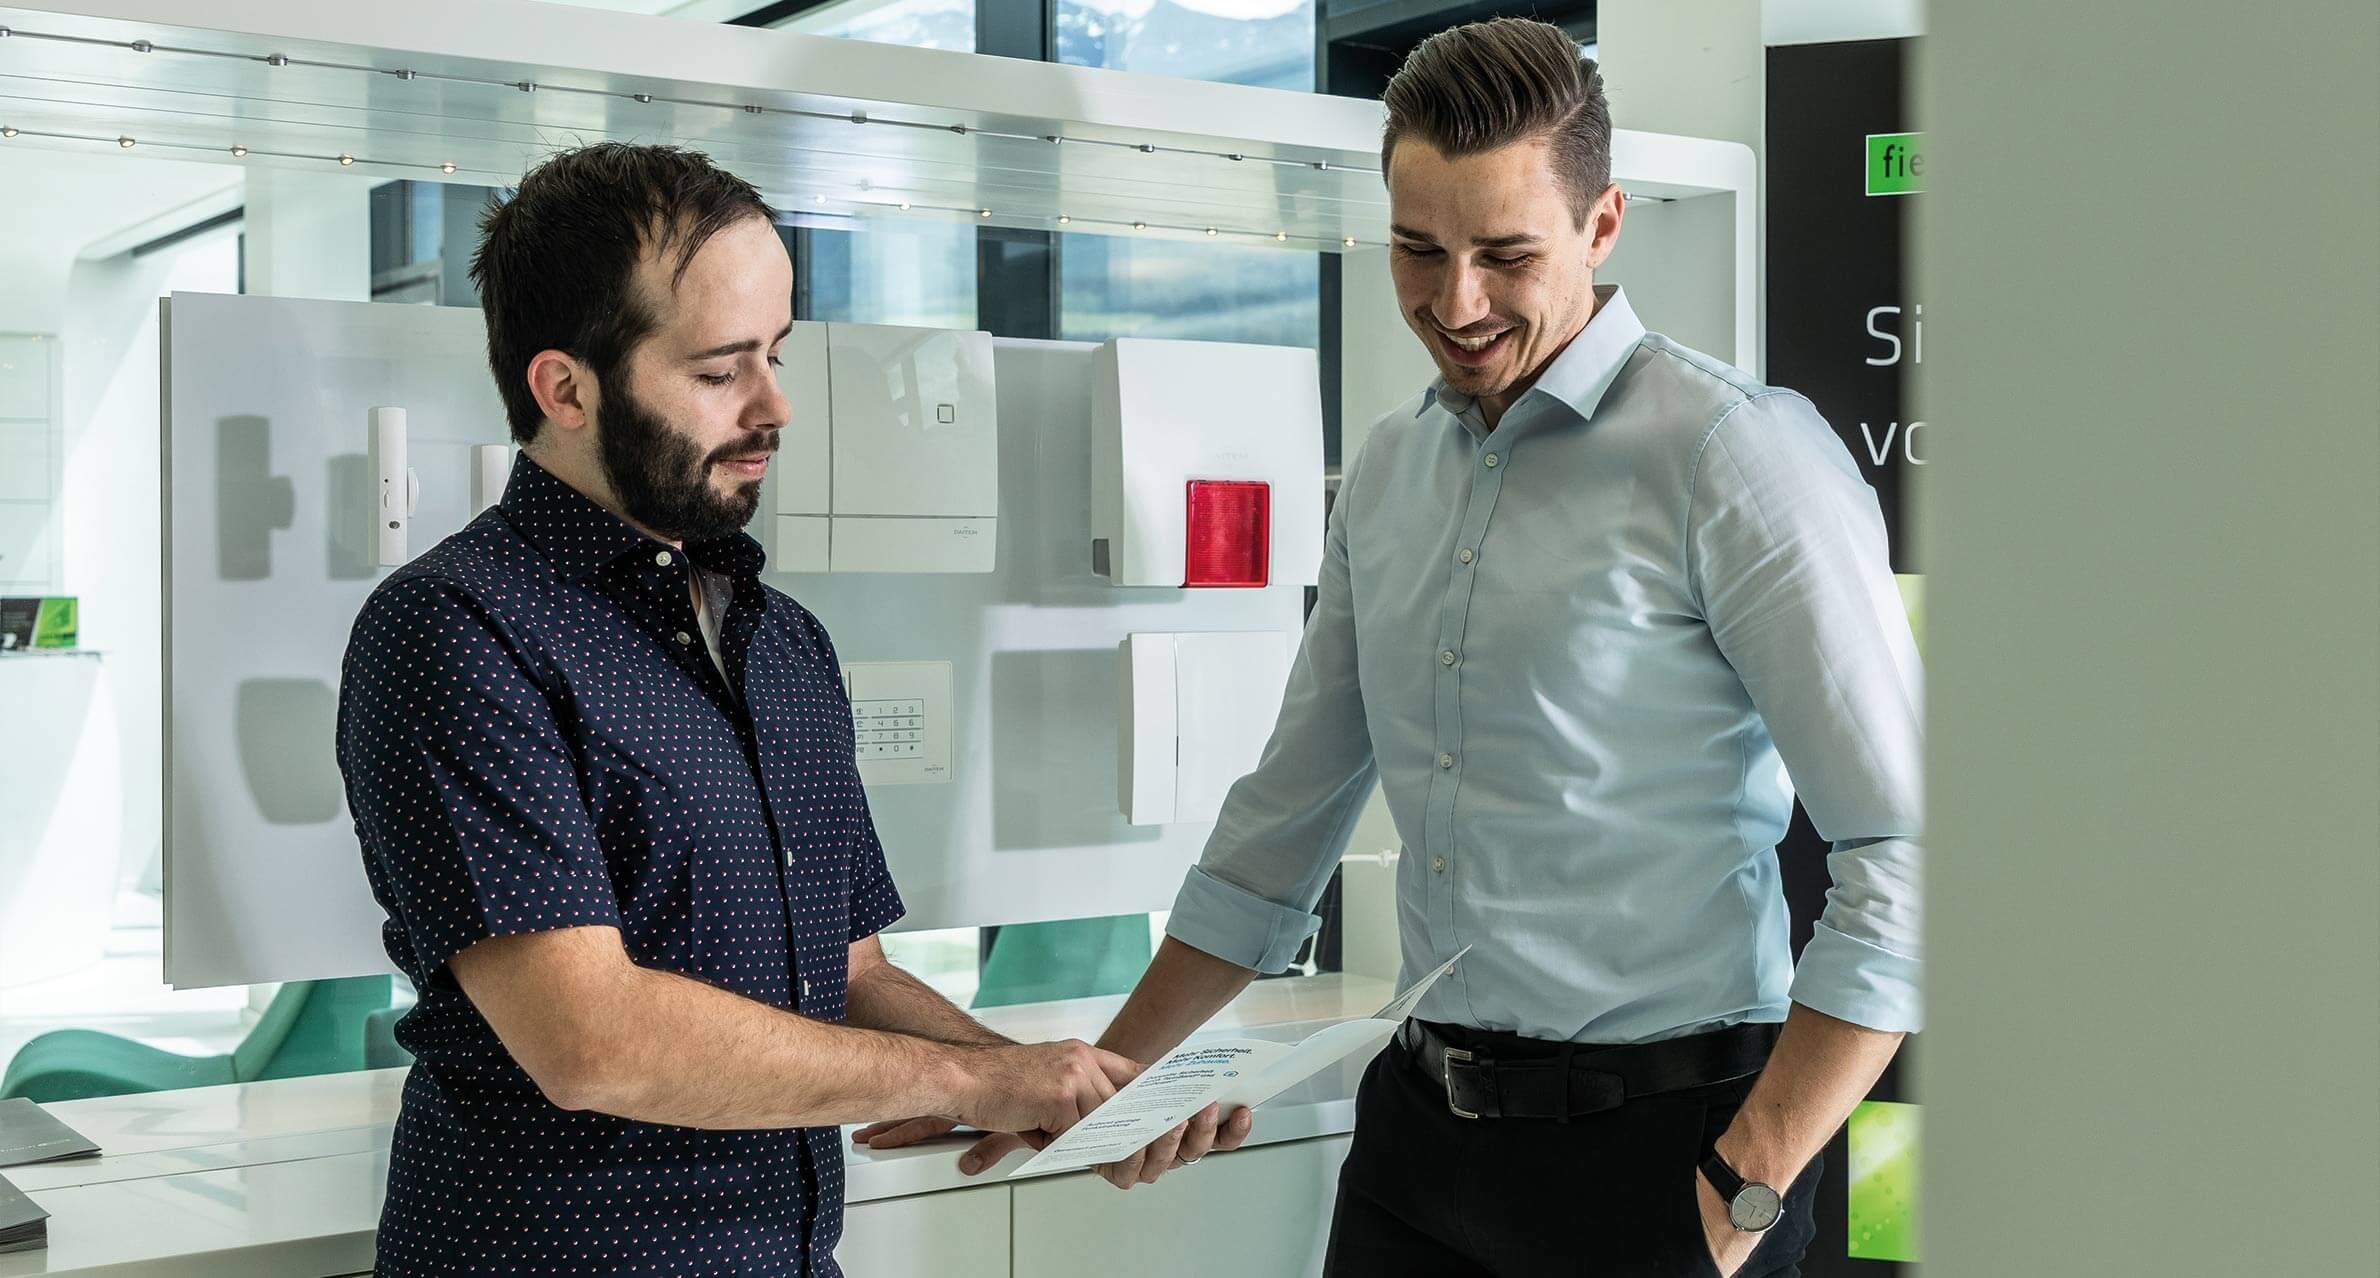 Sicherheitstechniker im Kundengespräch